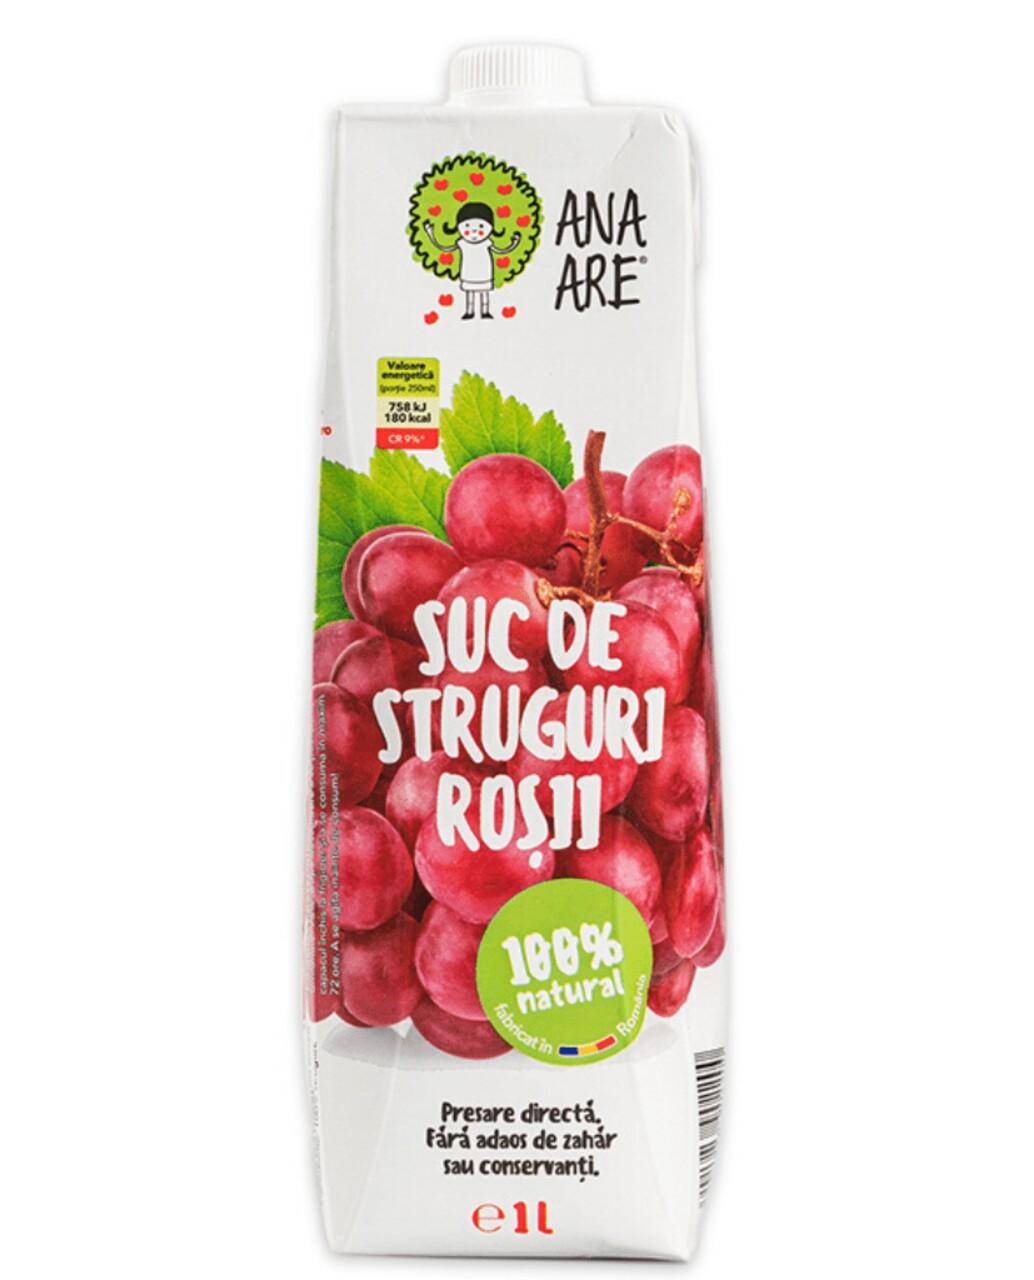 Suc de Struguri Rosii 100% Natural Ana Are 12X 1L